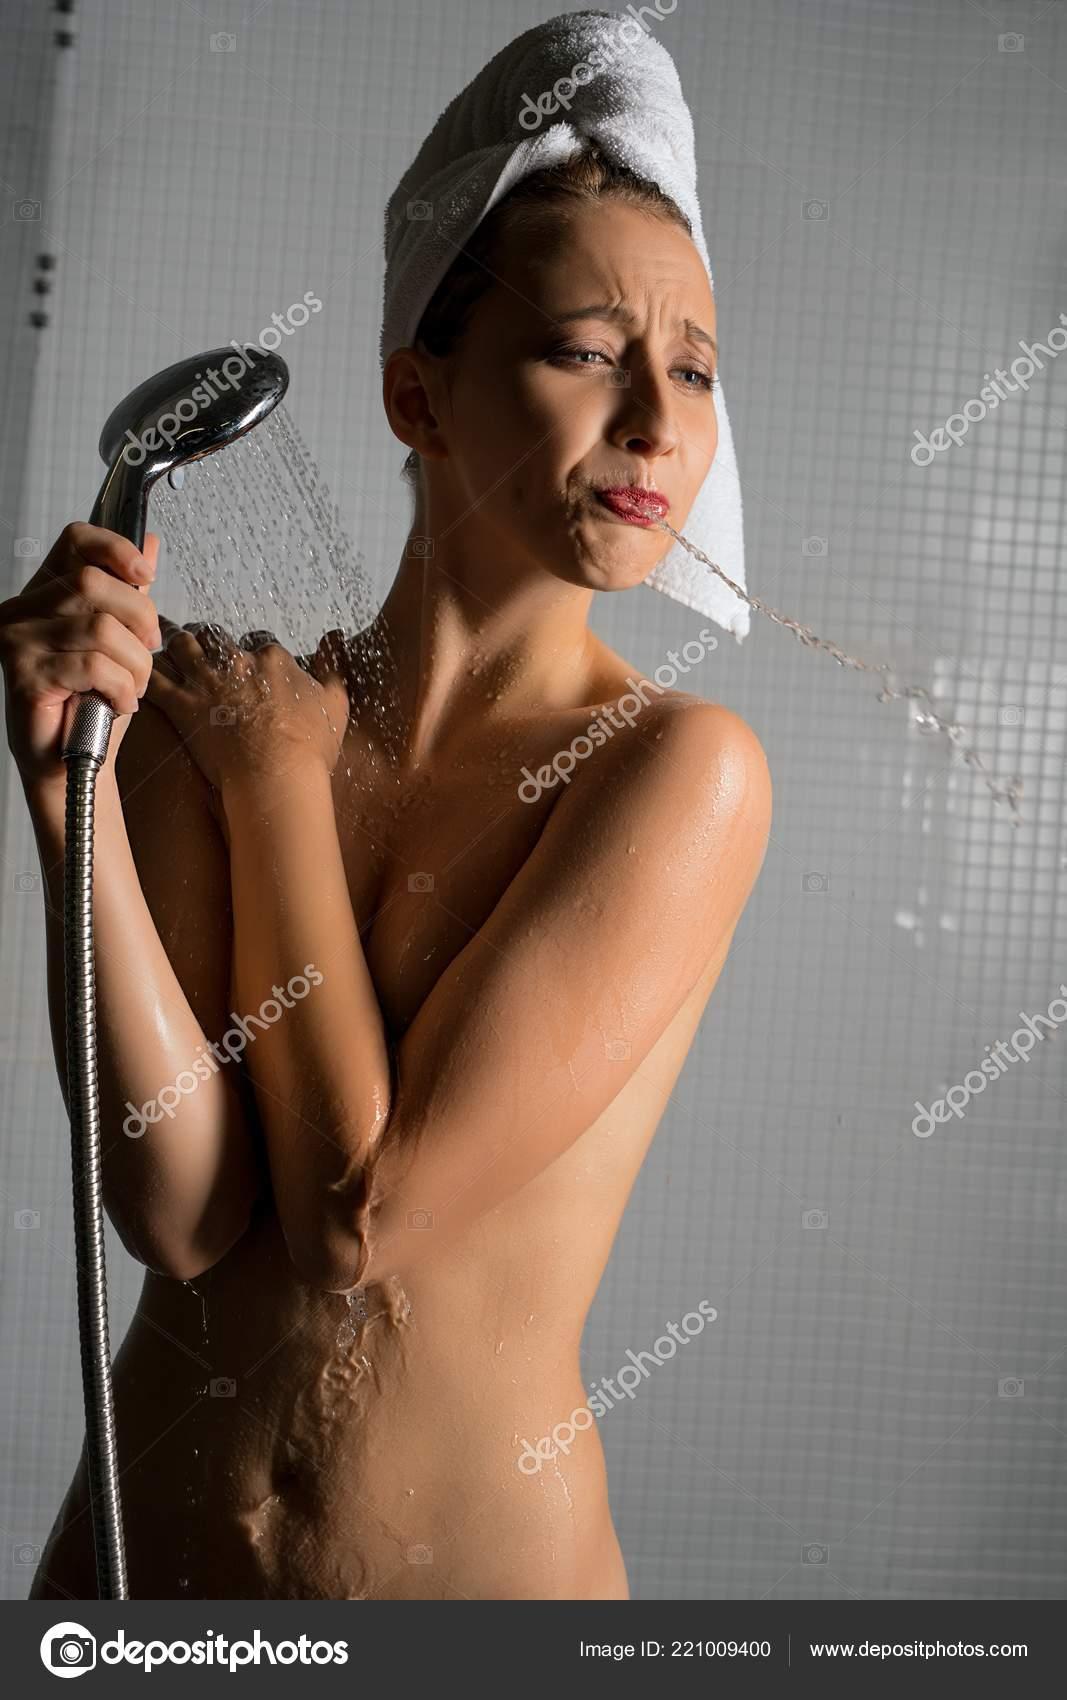 moms Hot πορνό φωτογραφίες